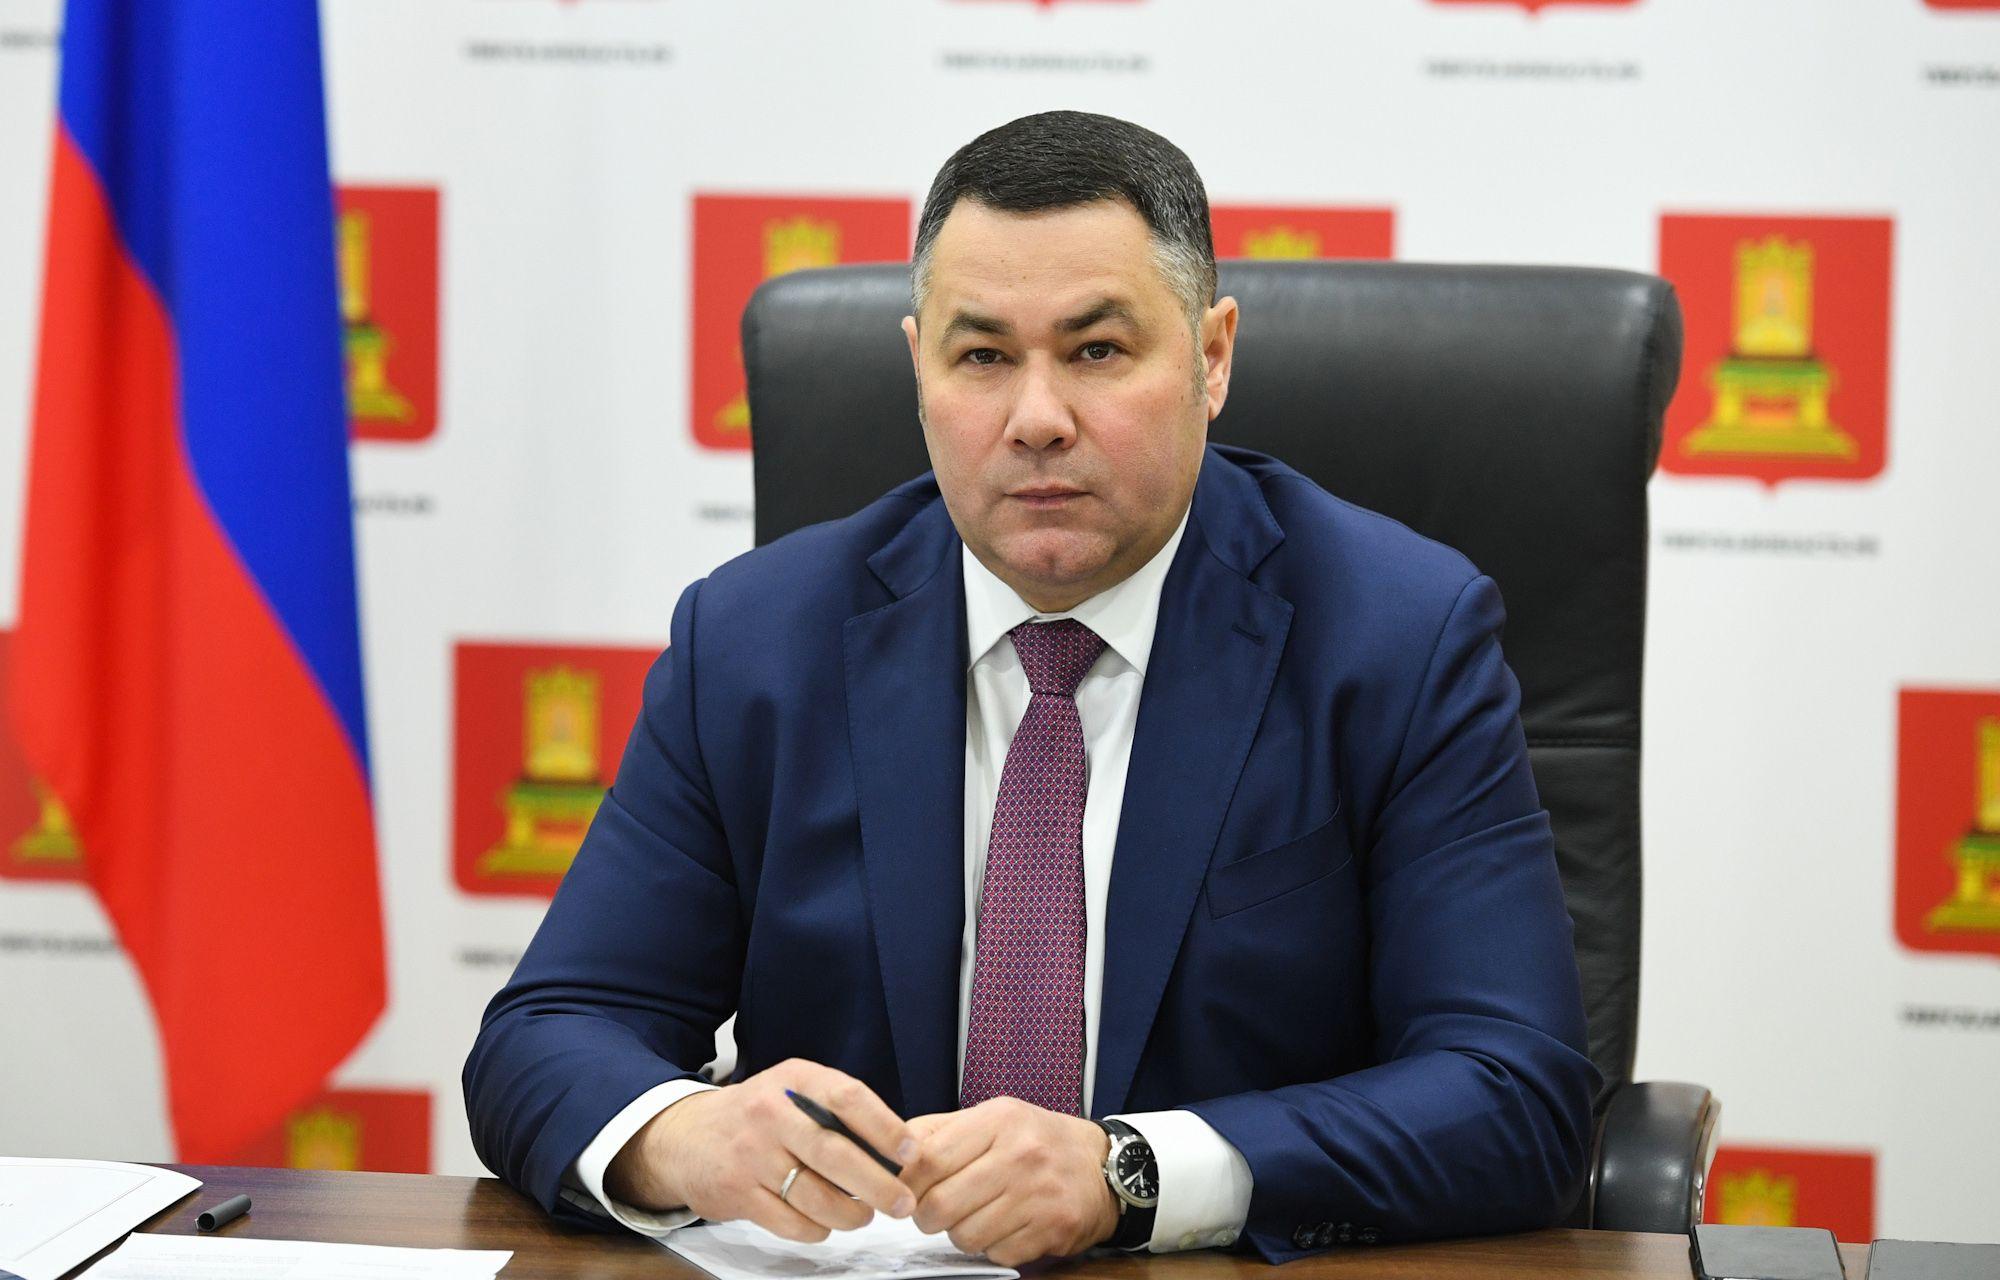 Игорь Руденя в прямом эфире расскажет о борьбе с коронавирусом в Тверской области